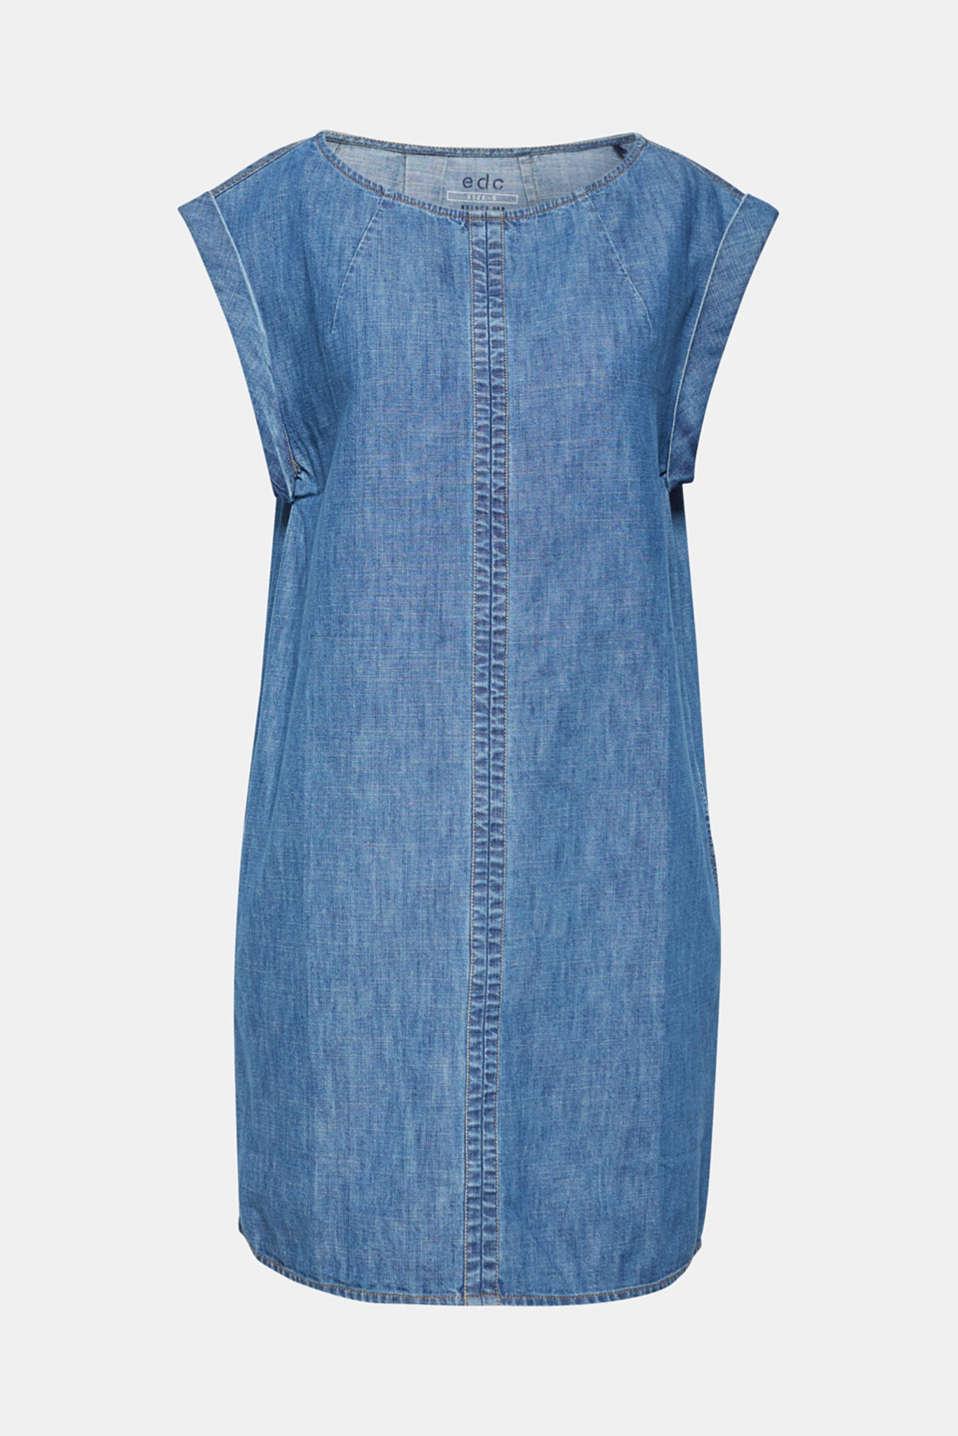 Denim dress in 100% cotton, BLUE DARK WASH, detail image number 7